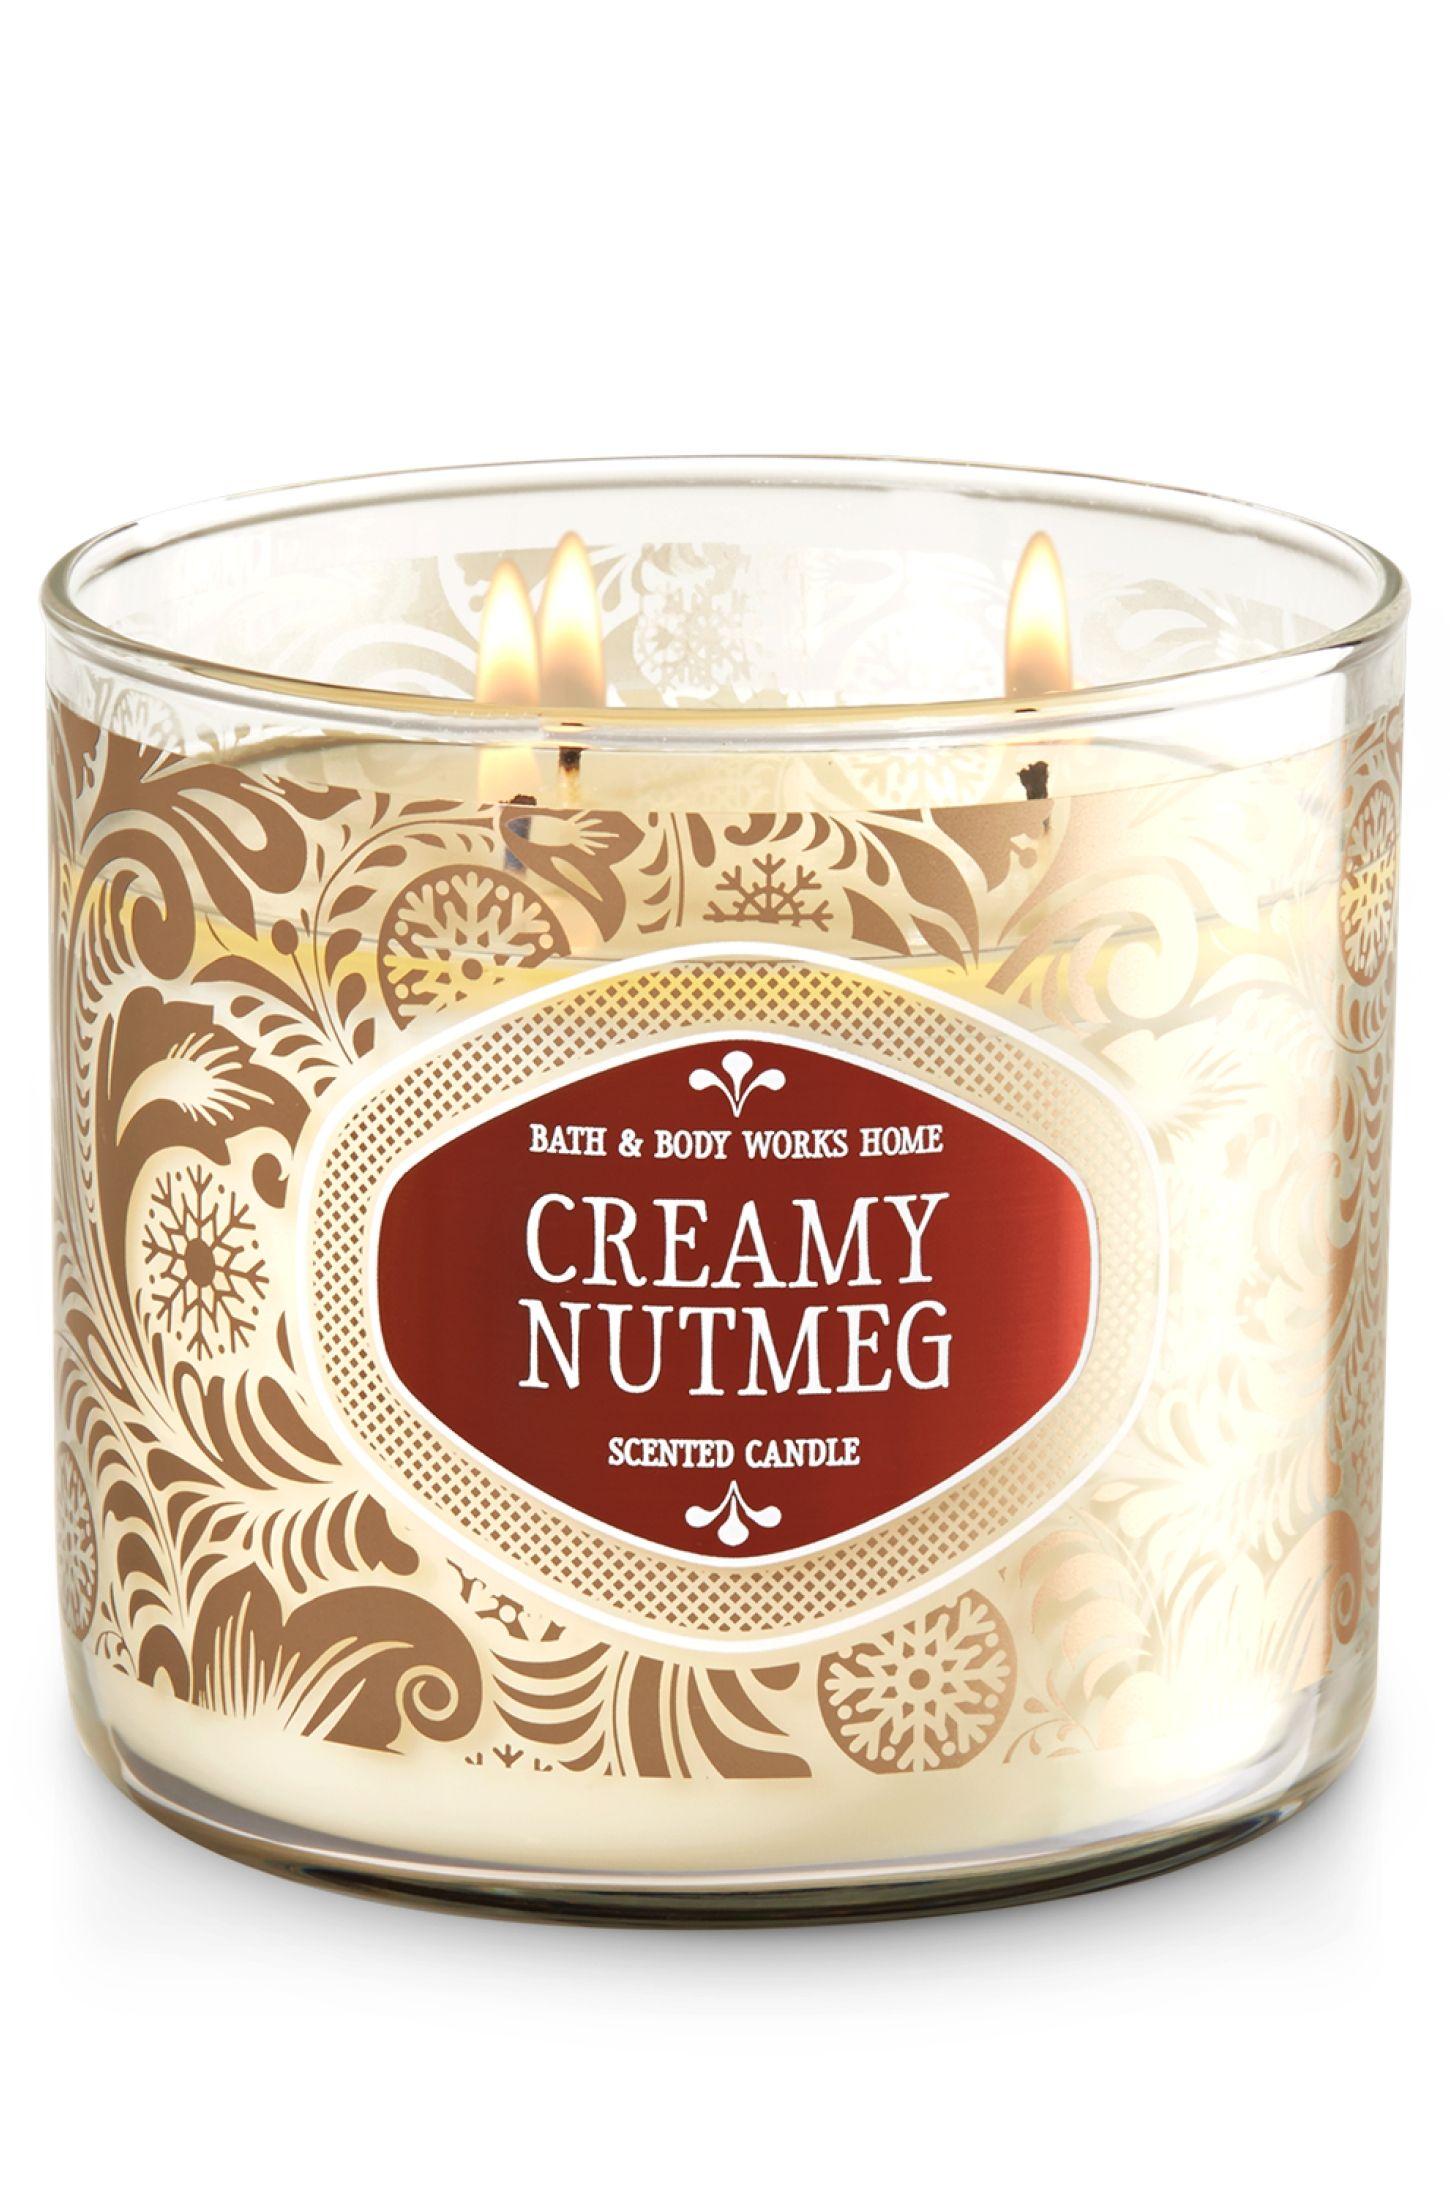 Bath Body Works Candle CREAMY NUTMEG Scented 3-wick Jars x2 Wax